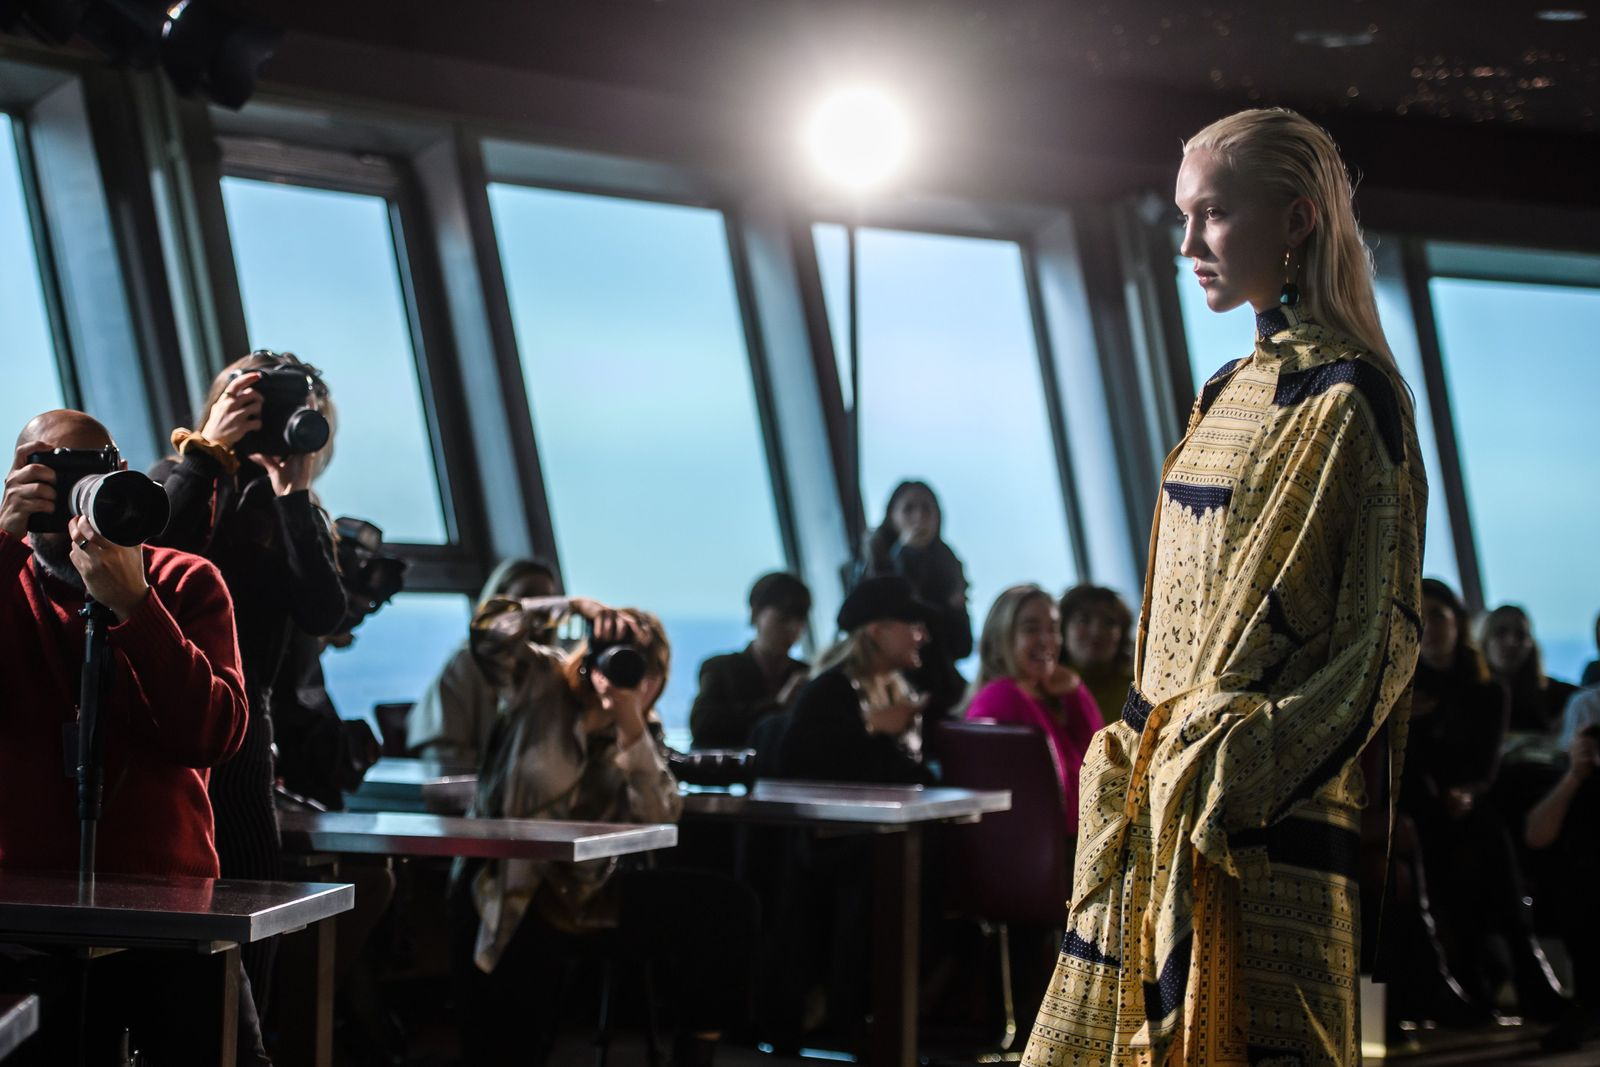 Willam Fan - Runway - Fashion Week Berlin SS 2020, Germany - 14 Jan 2020